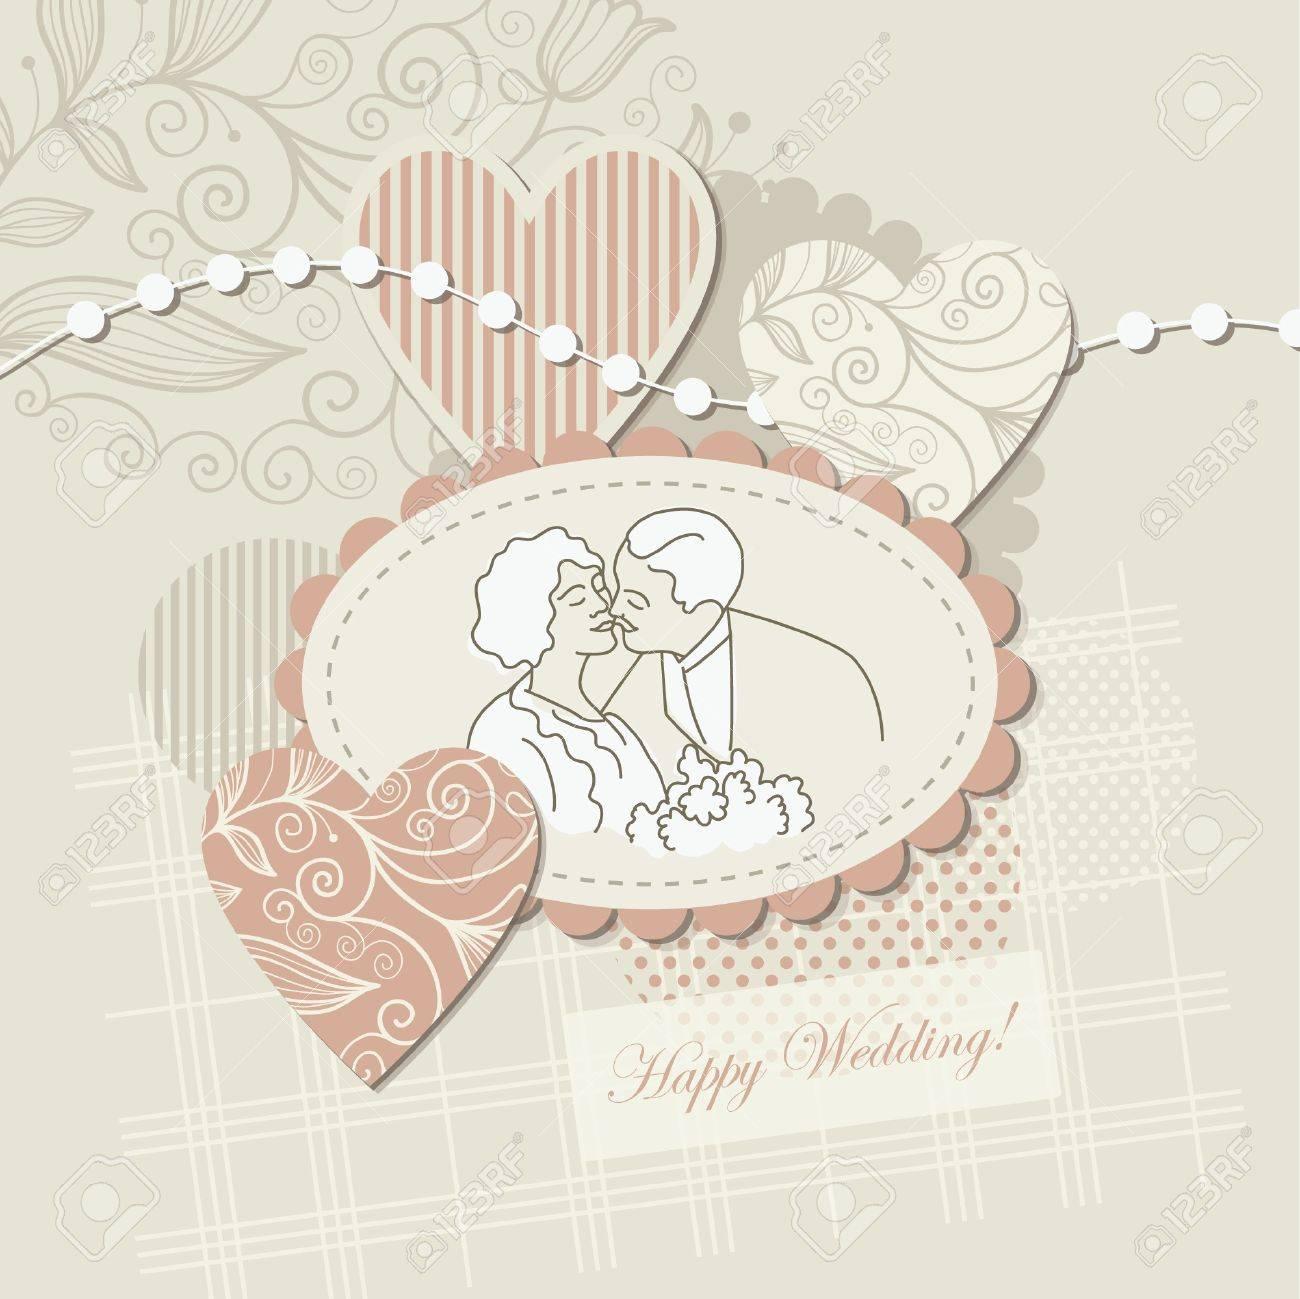 How to scrapbook wedding cards - Wedding Card Scrapbook Elements Stock Vector 10346802